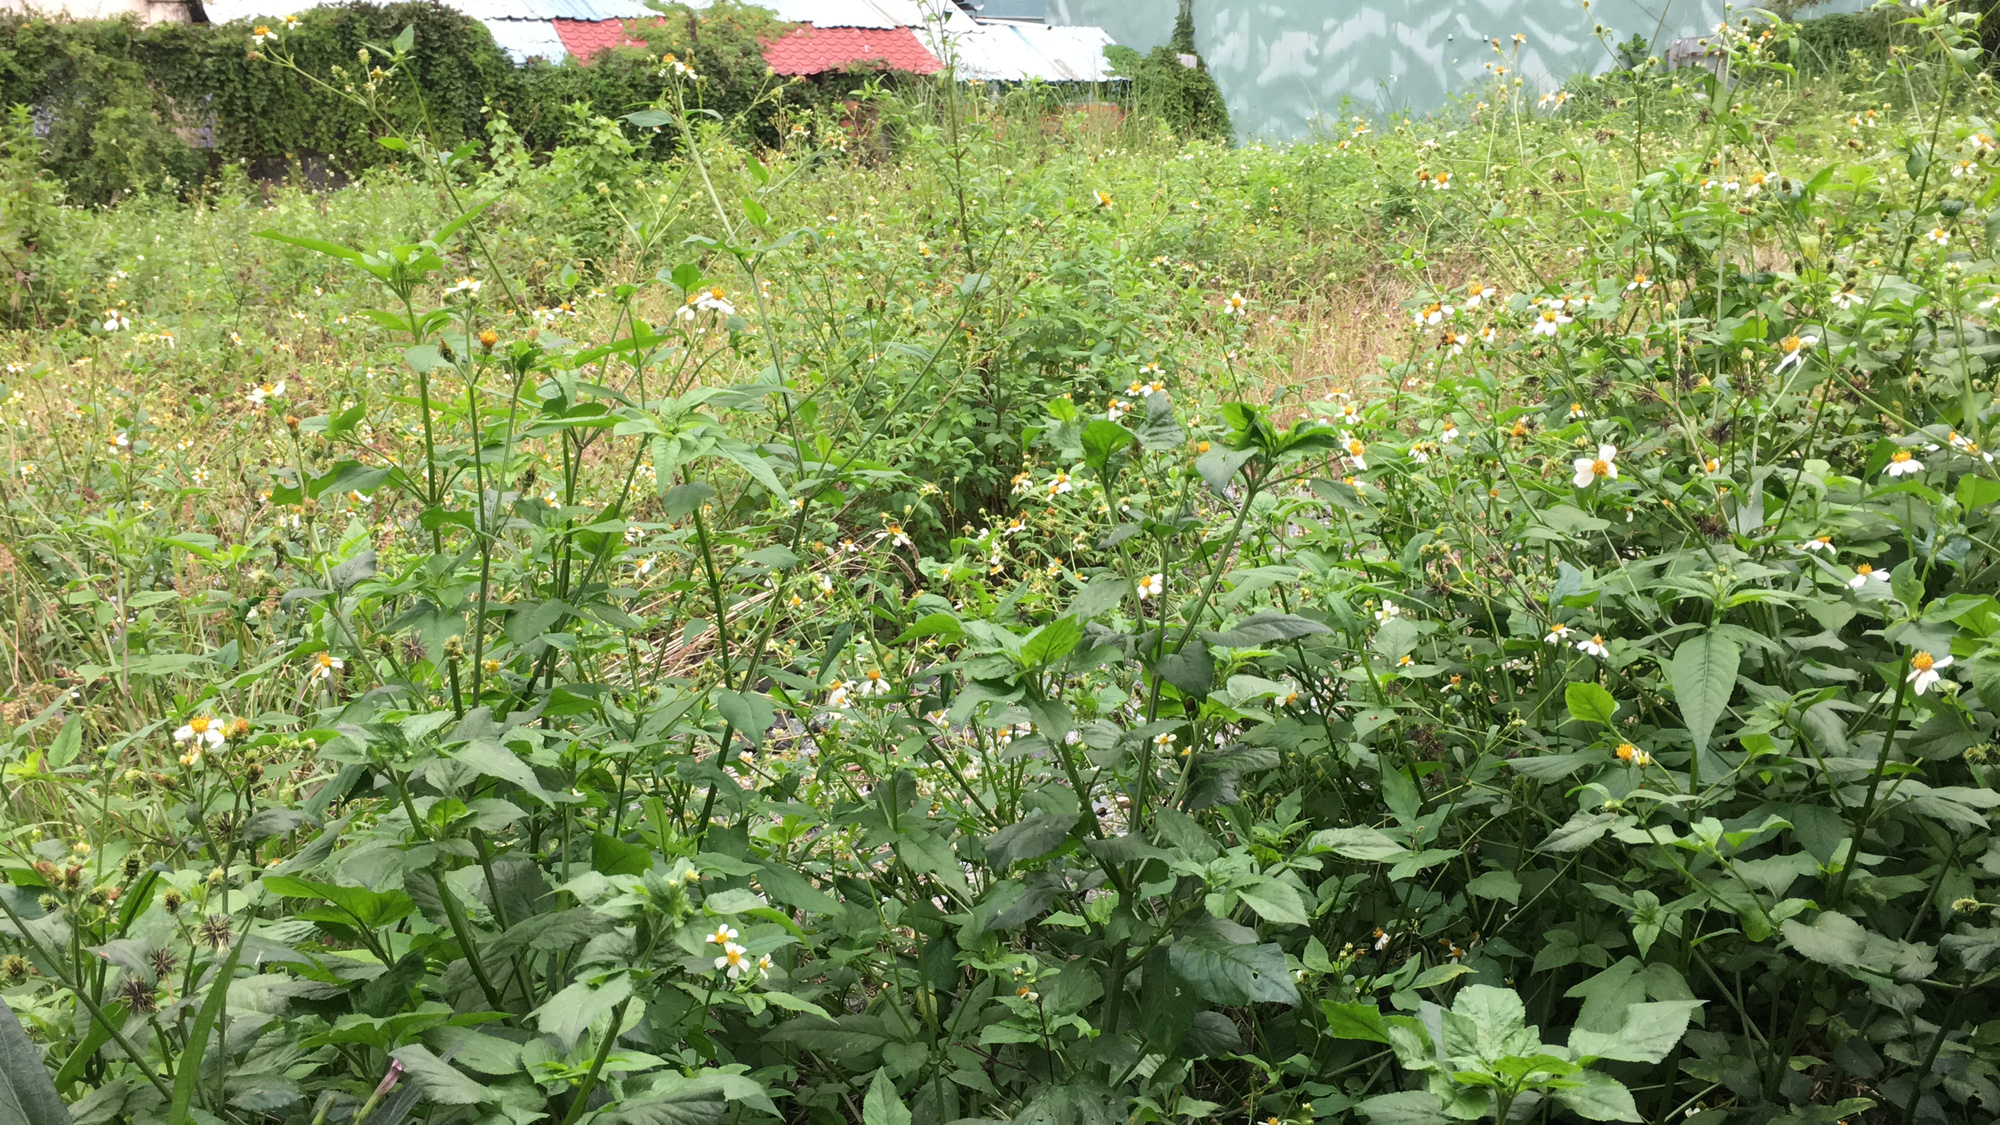 Hai khu đất làm vườn dạo, bãi đỗ xe ngầm trung tâm Đà Nẵng bao giờ 'khởi động'? - Ảnh 7.